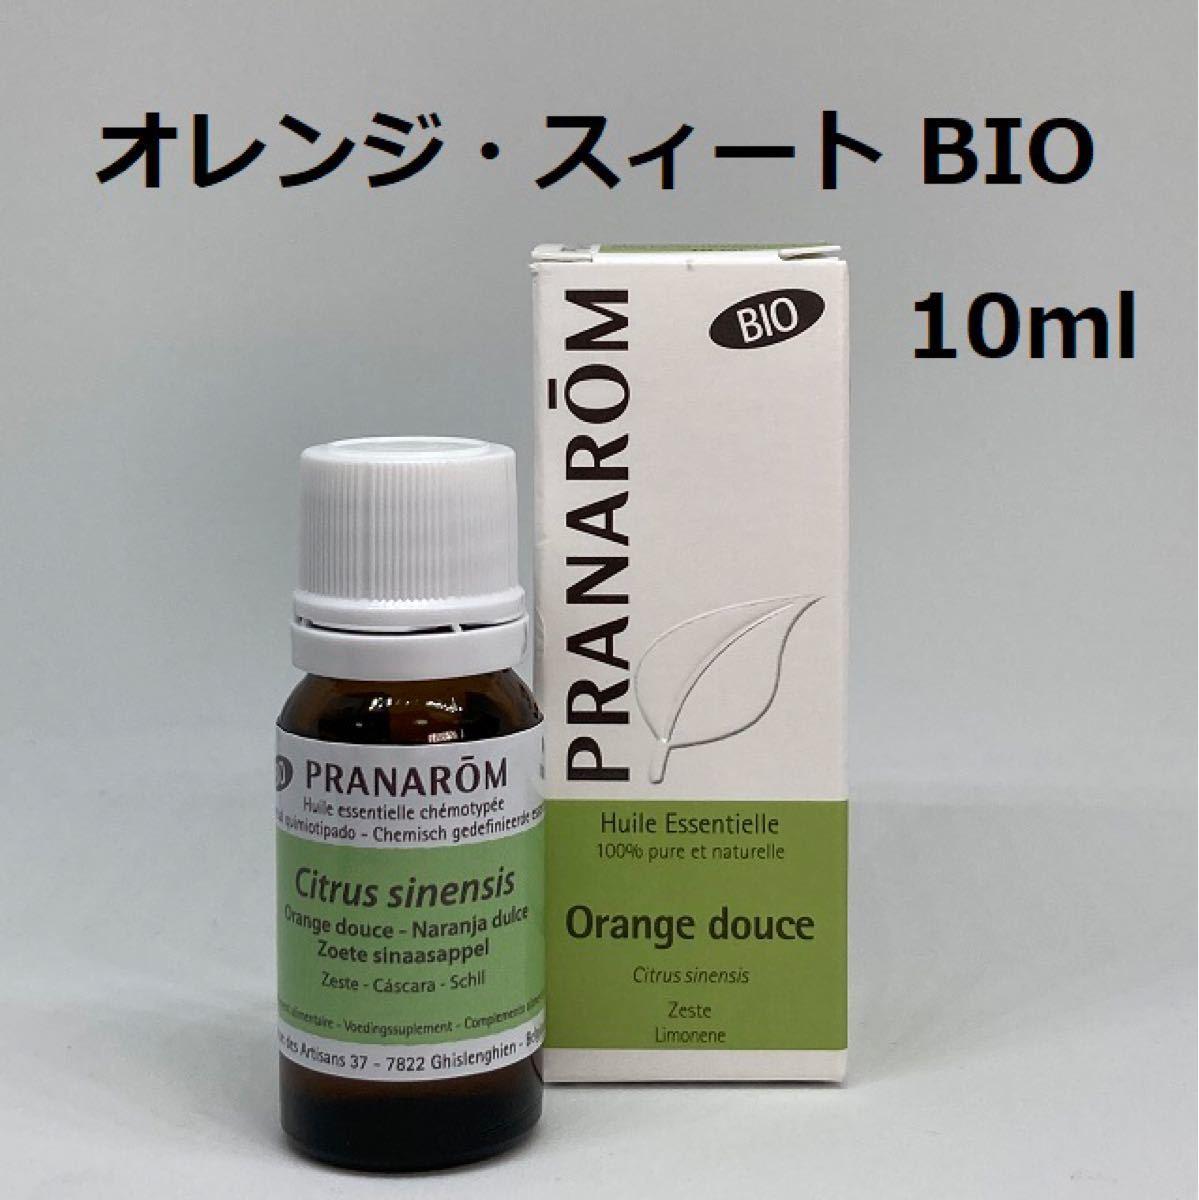 プラナロム オレンジスィート BIO 10ml 精油 スイート オレンジ